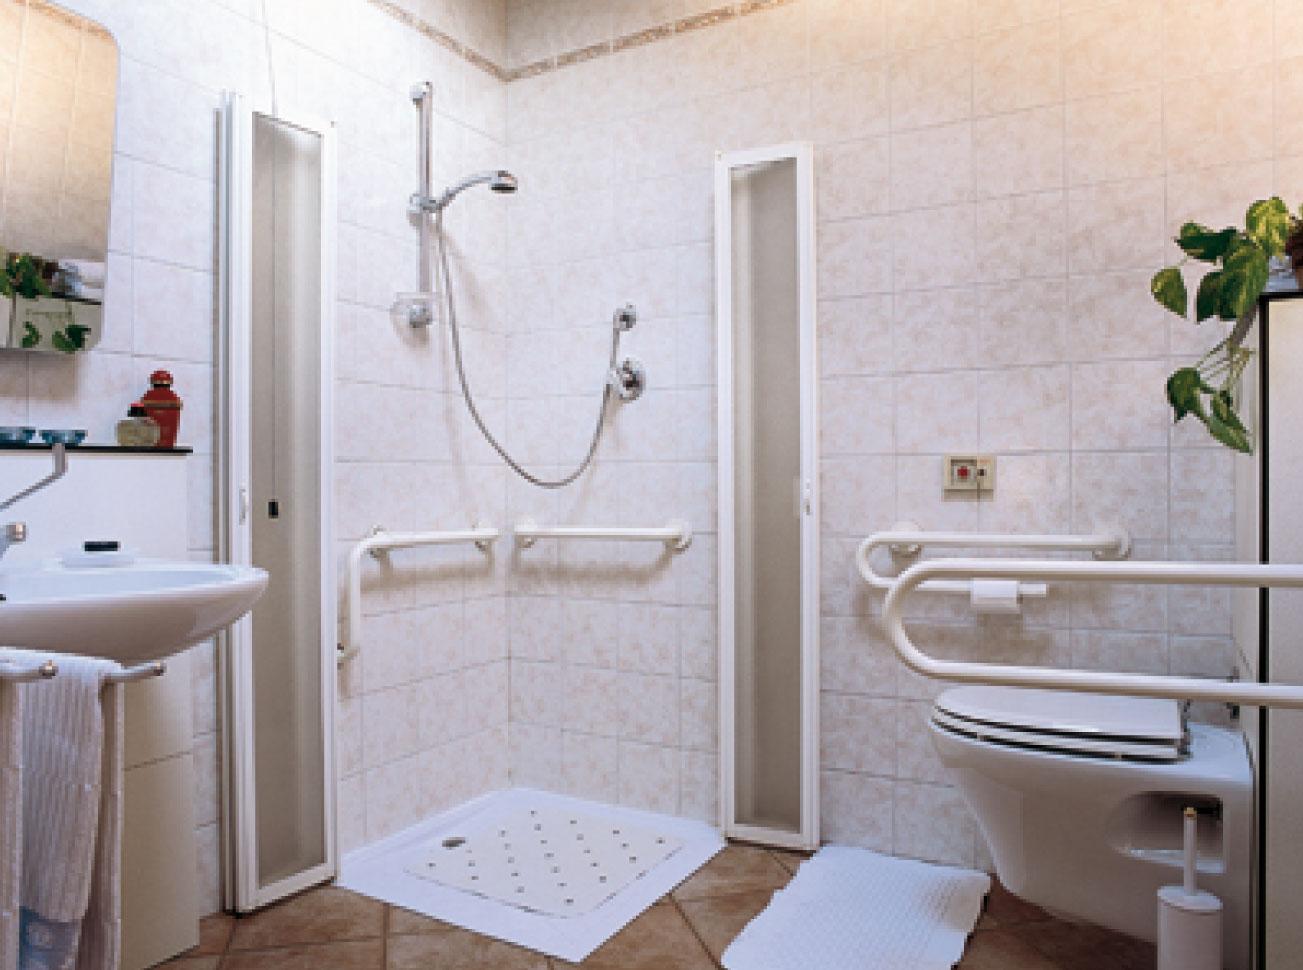 Realizzazione bagni per disabili: quali agevolazioni?